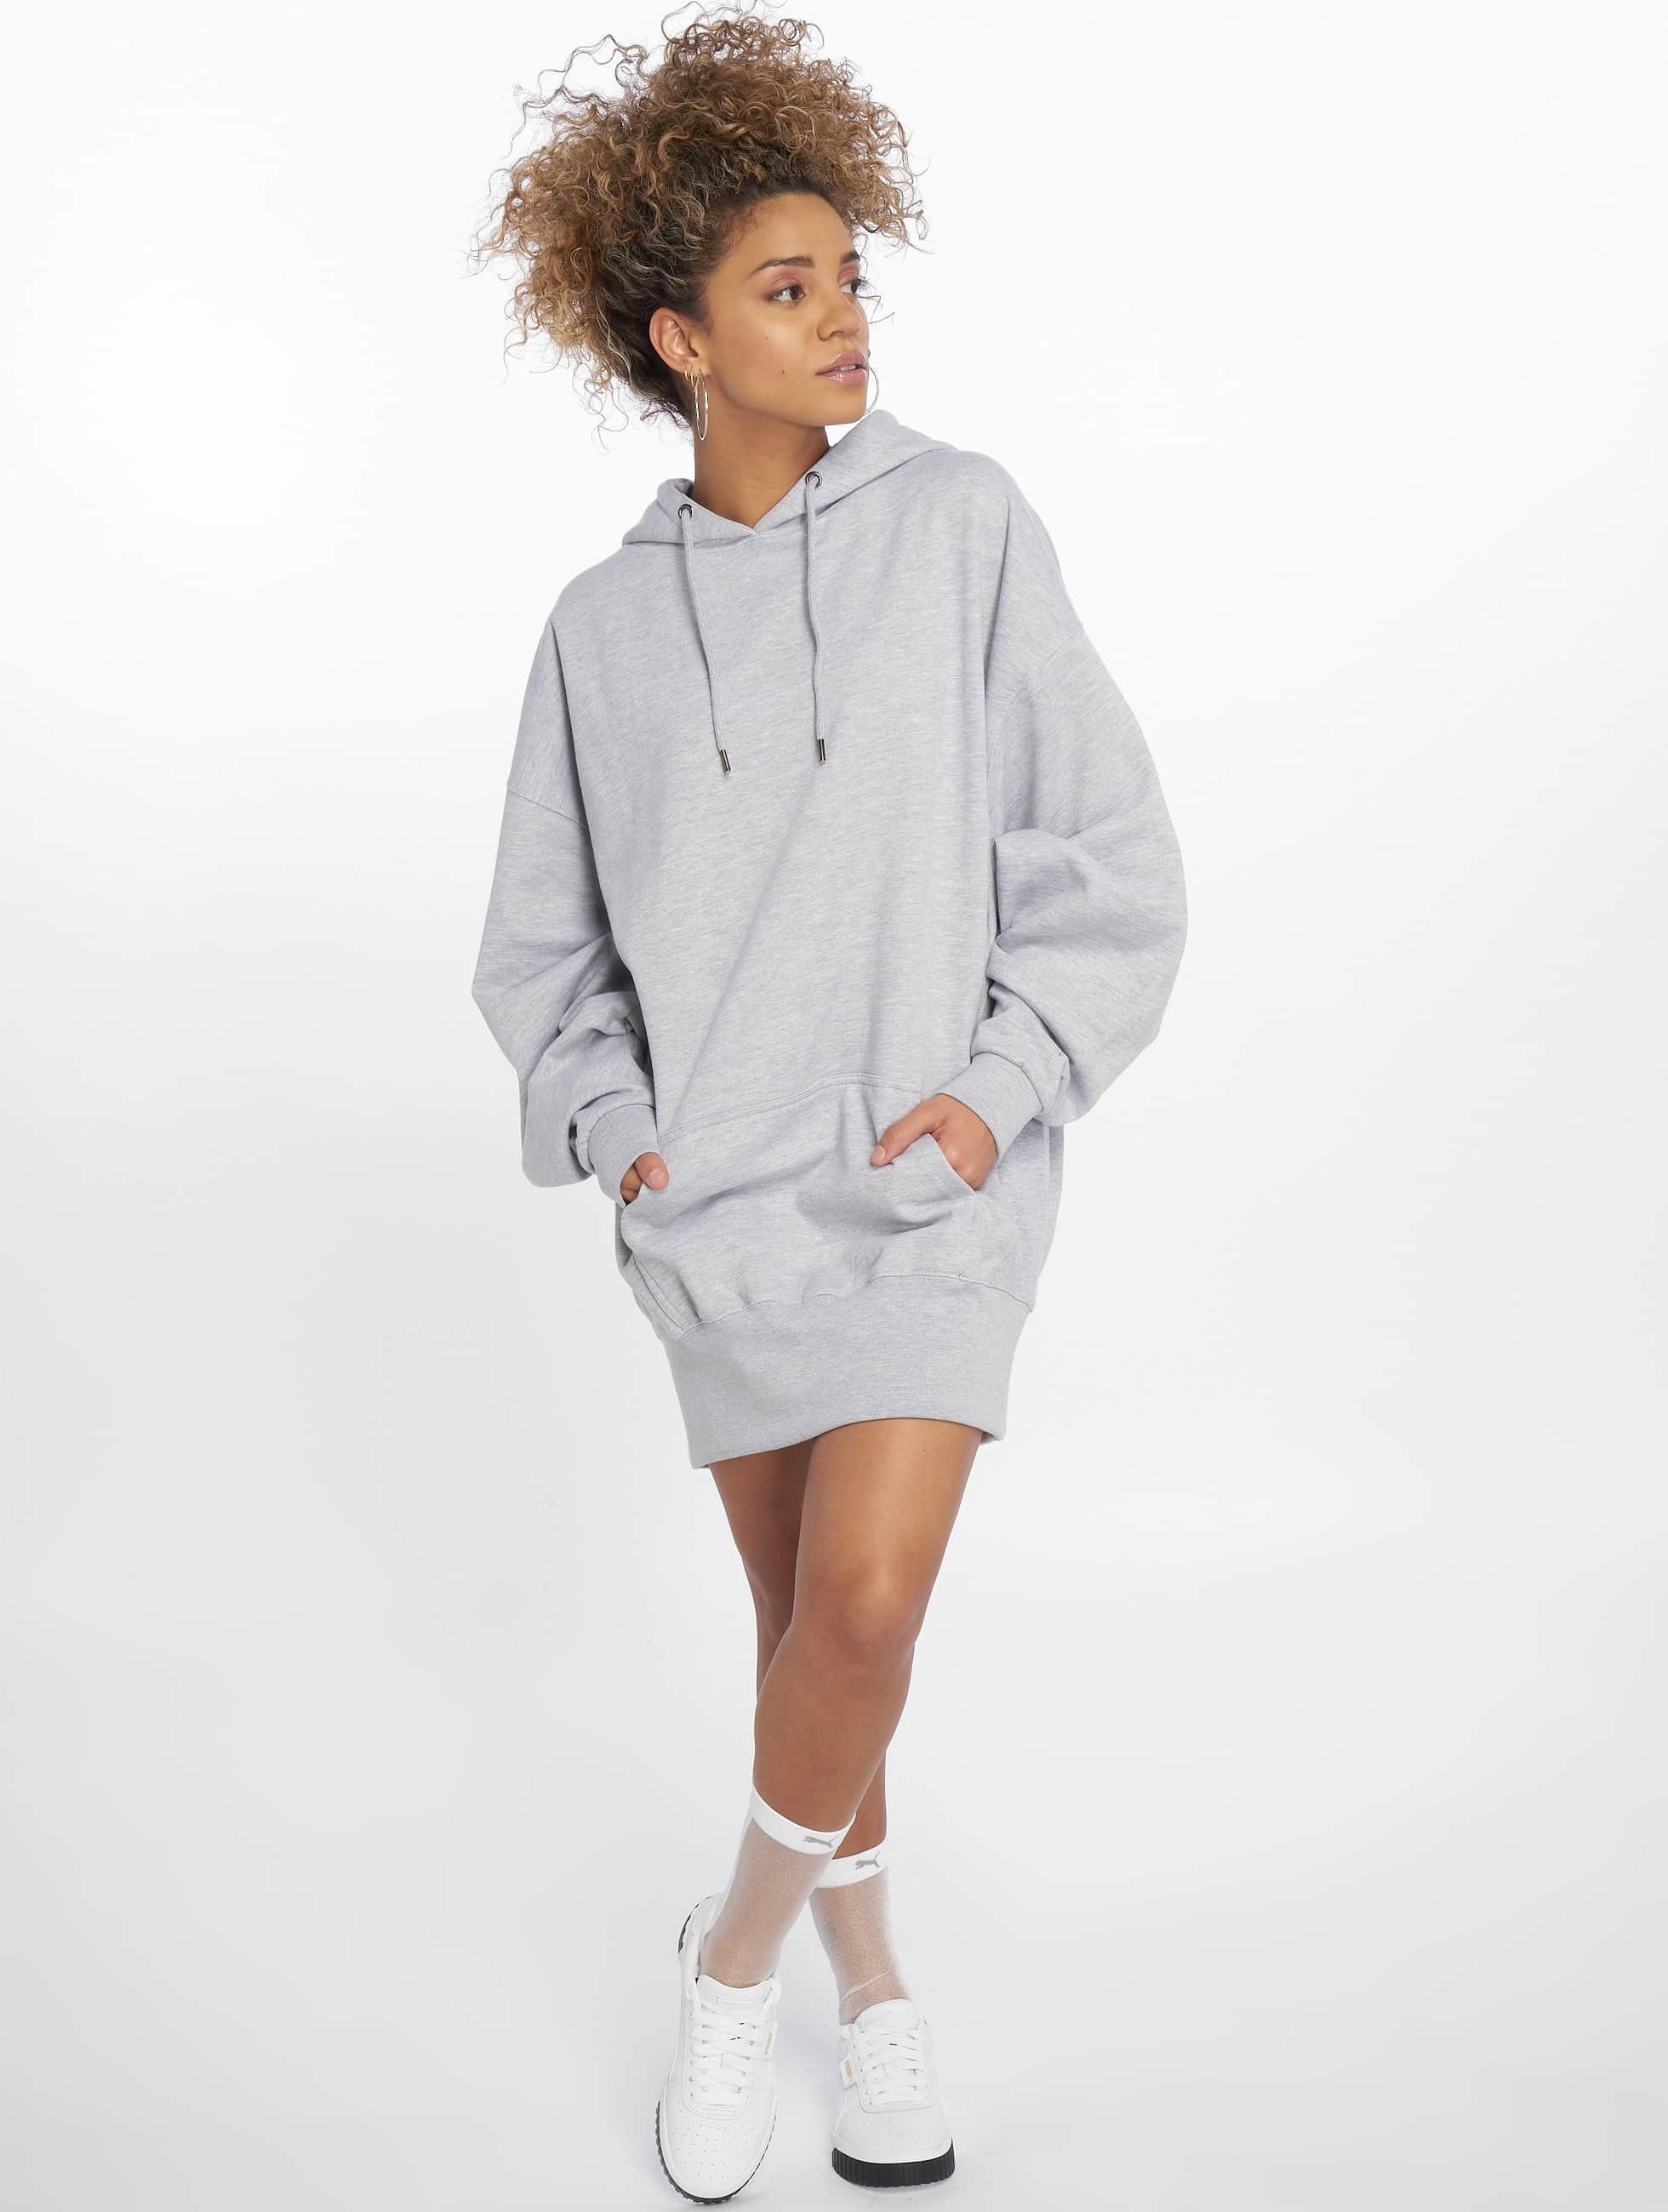 DEF / Hoodie Heido in grey L